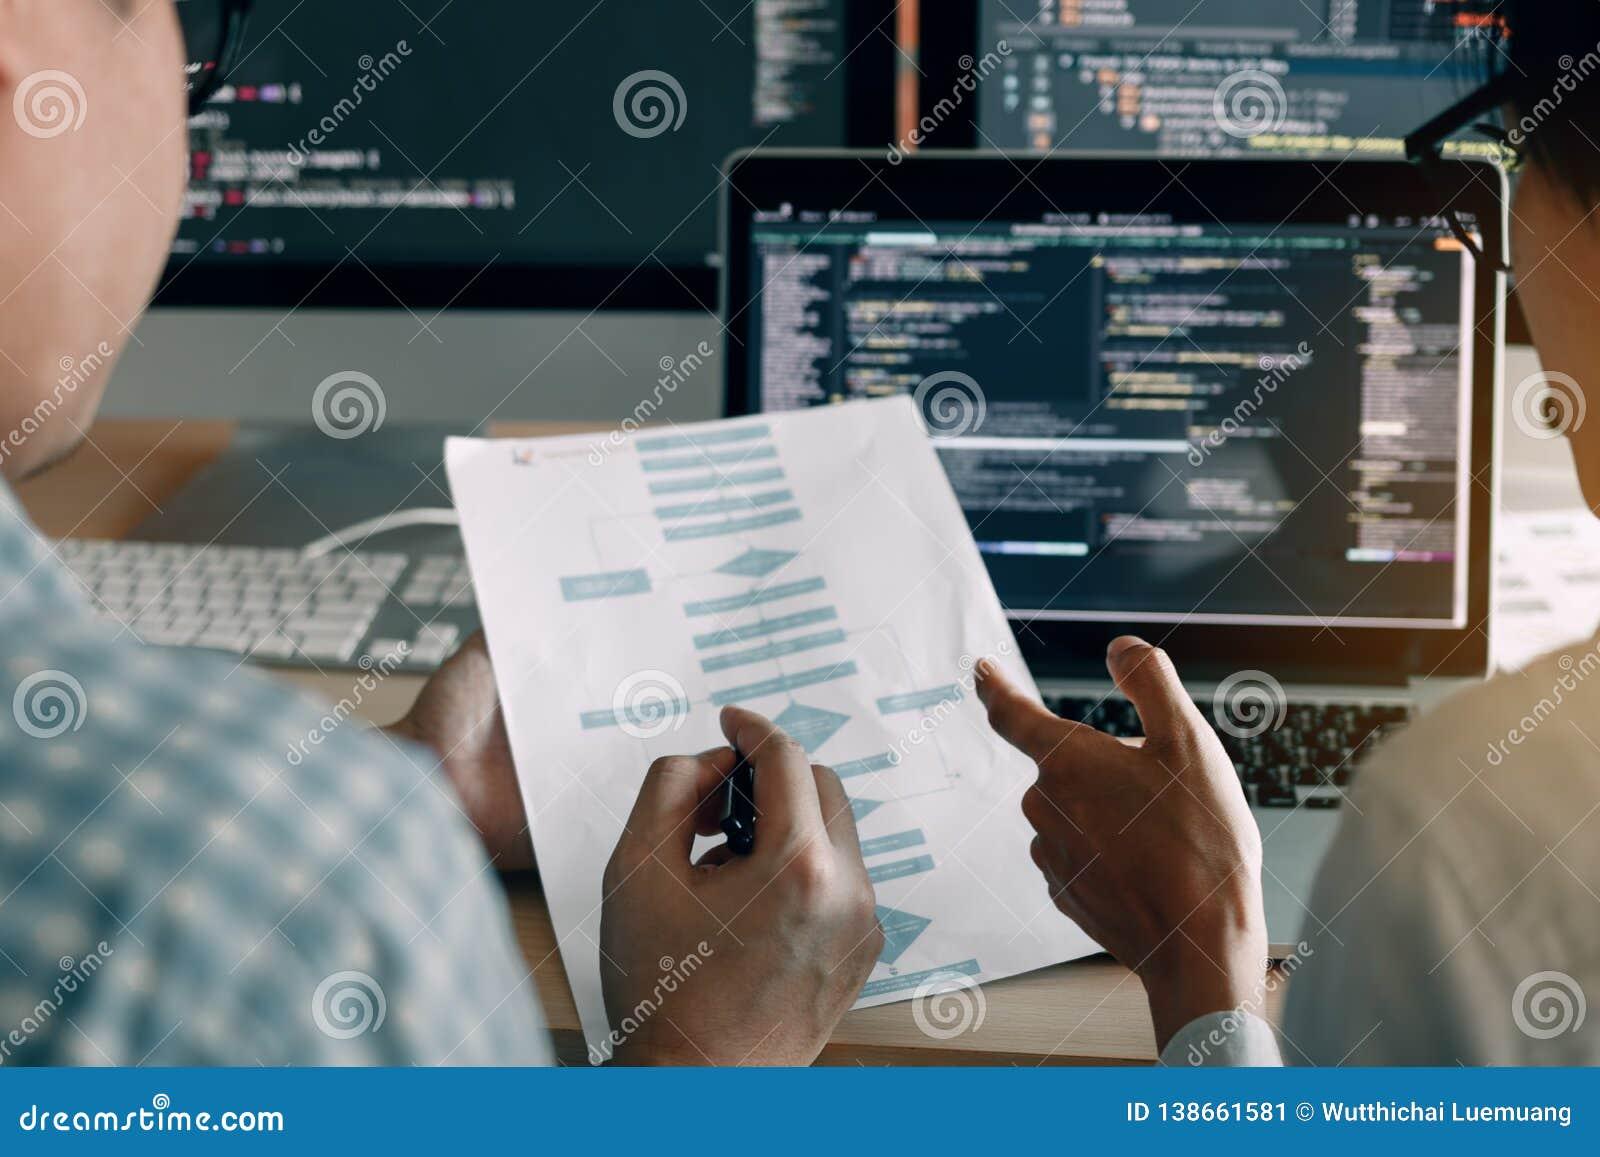 Programación que se convierte y codificación de las tecnologías que trabajan en las Software Engineers que desarrollan usos junto